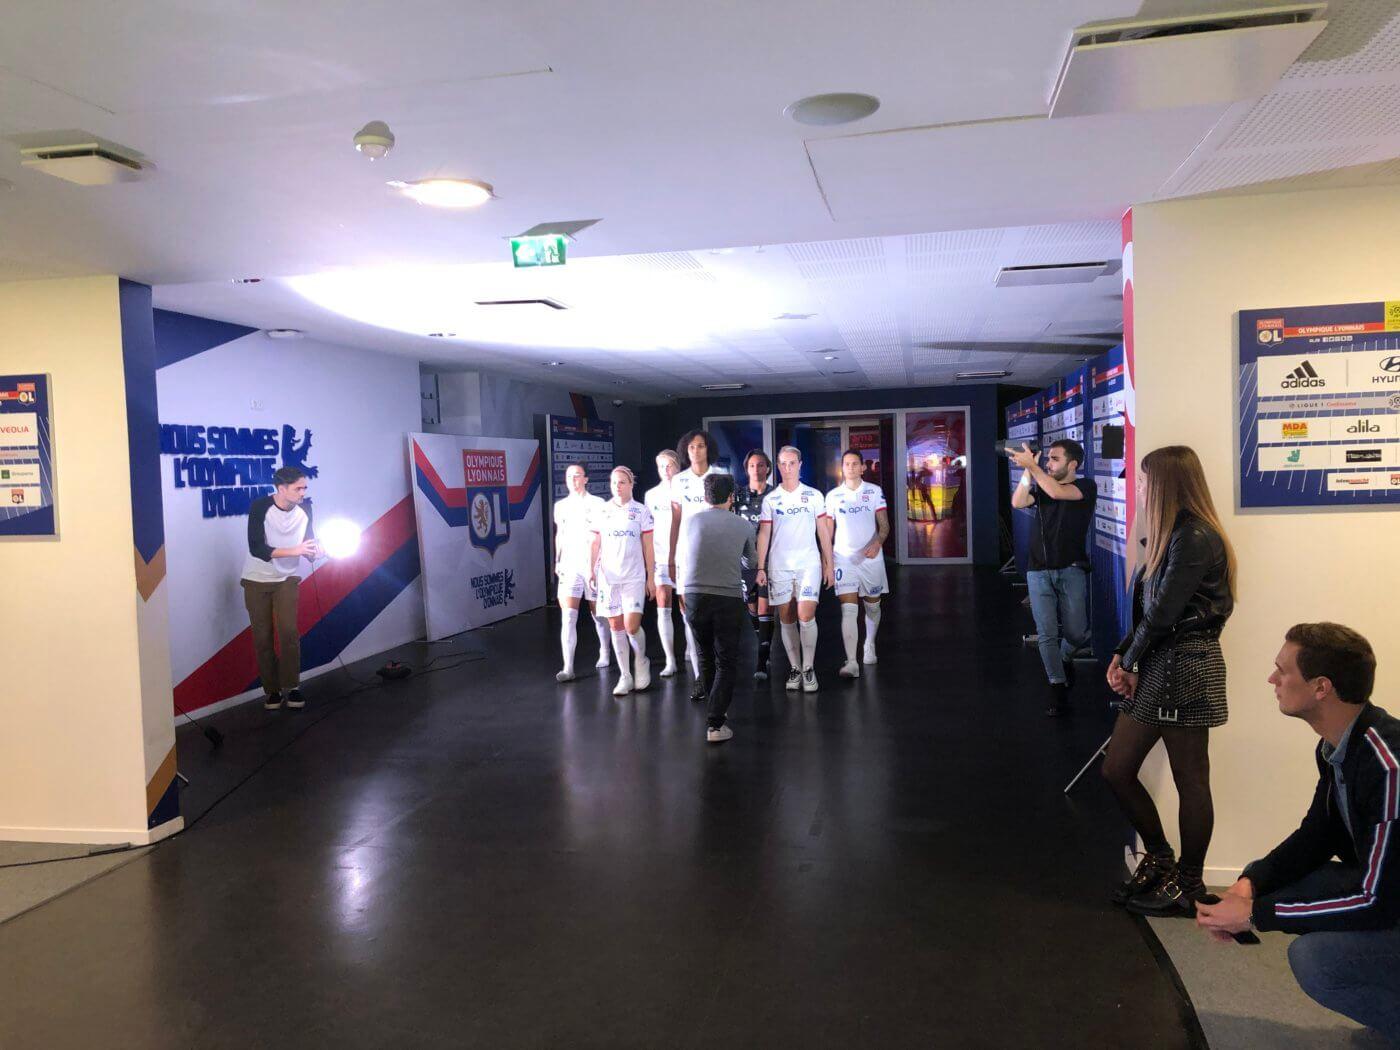 OL - PSG | Olympique Lyonnais 2